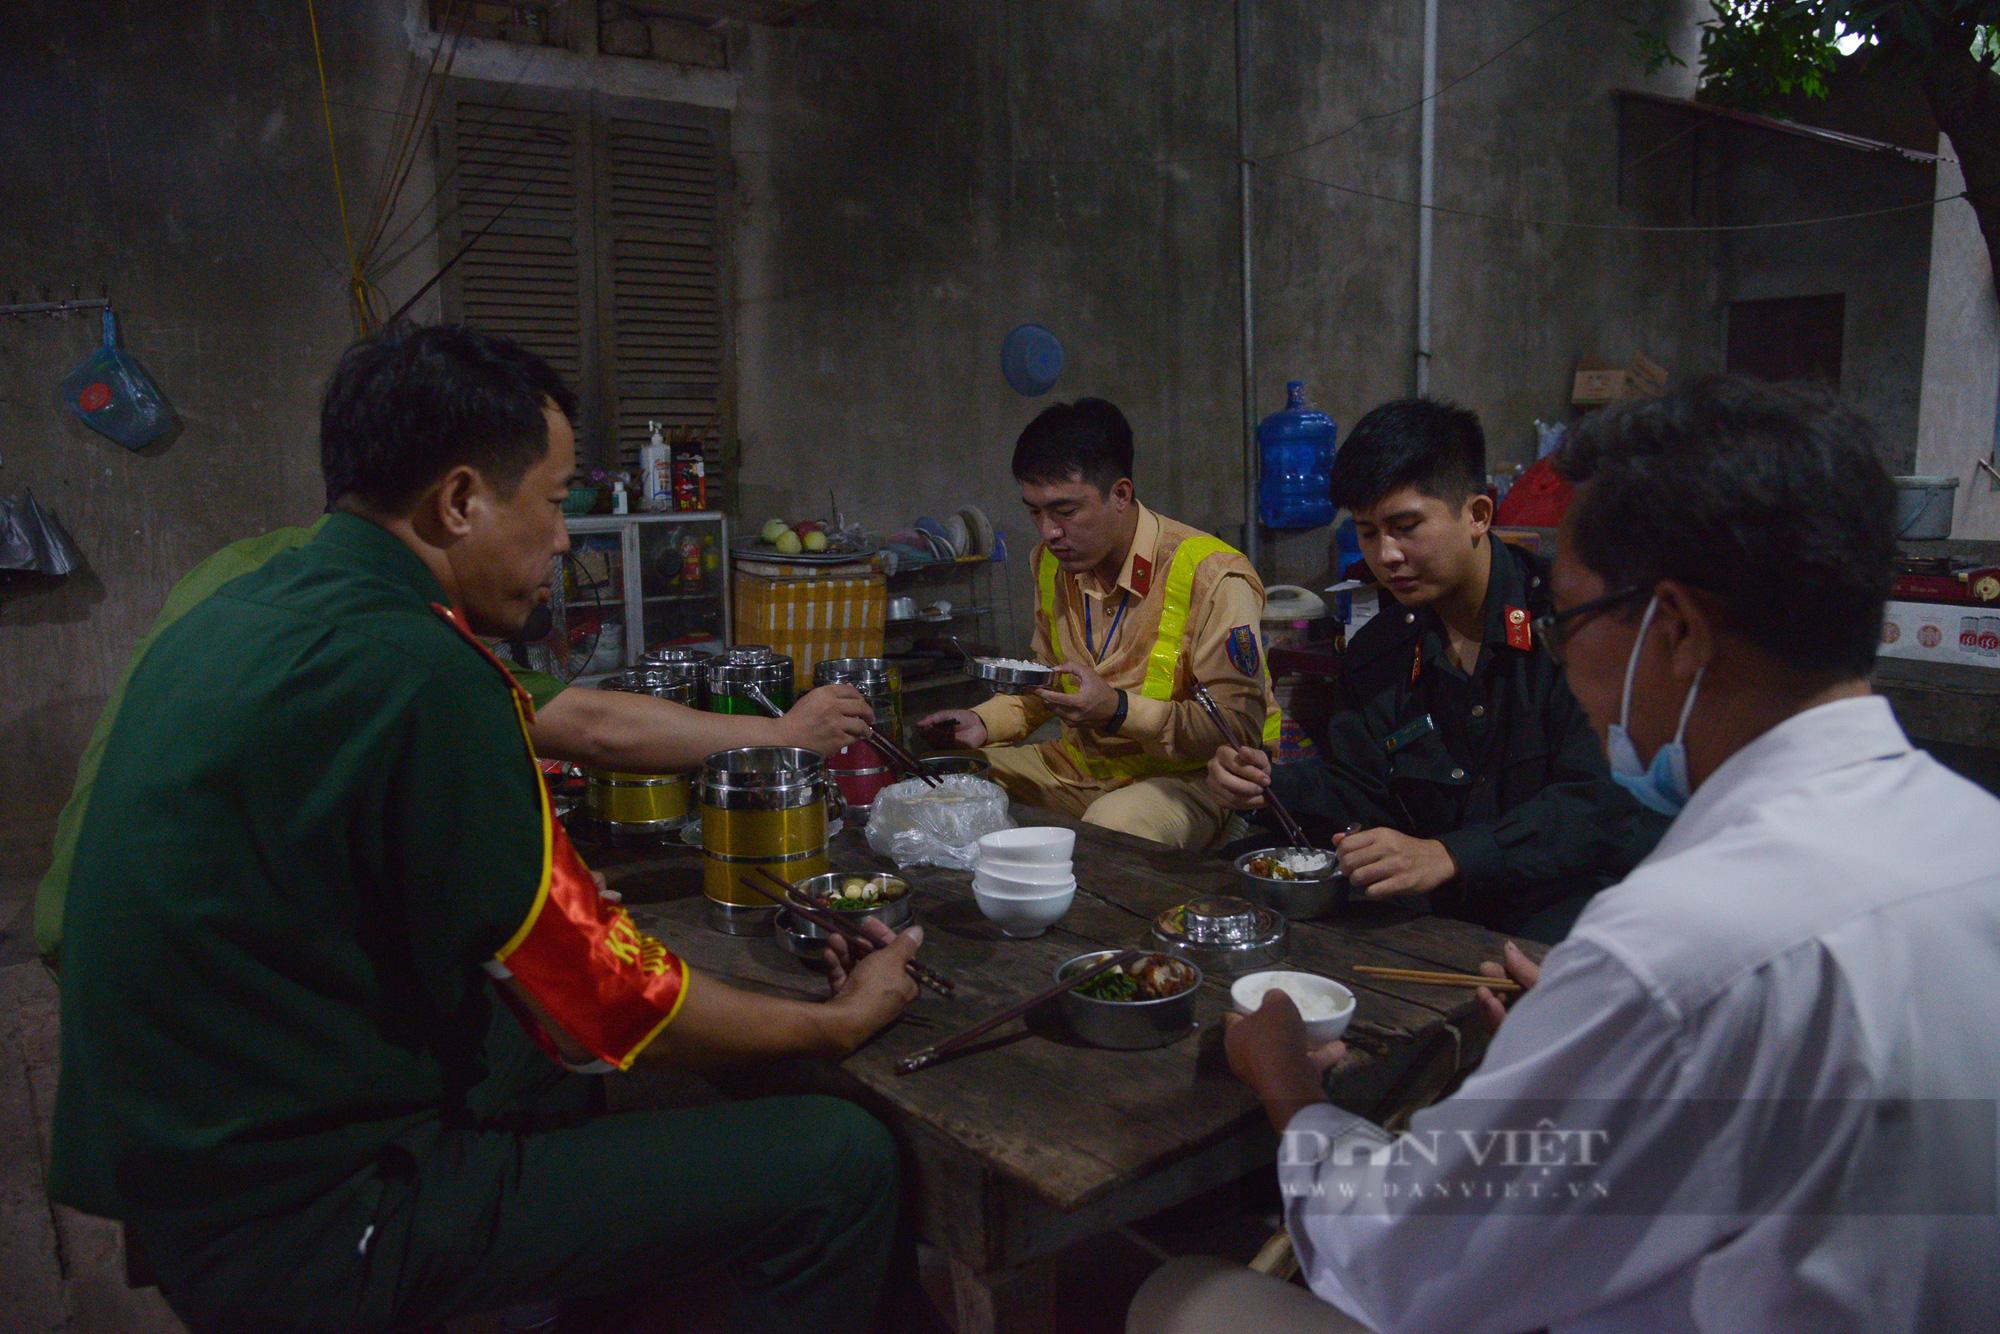 """Người dân Hà Nội nhường nhà, """"tiếp tế"""" cơm, nước uống chia sẻ với lực lượng làm nhiệm vụ phòng, chống dịch - Ảnh 12."""